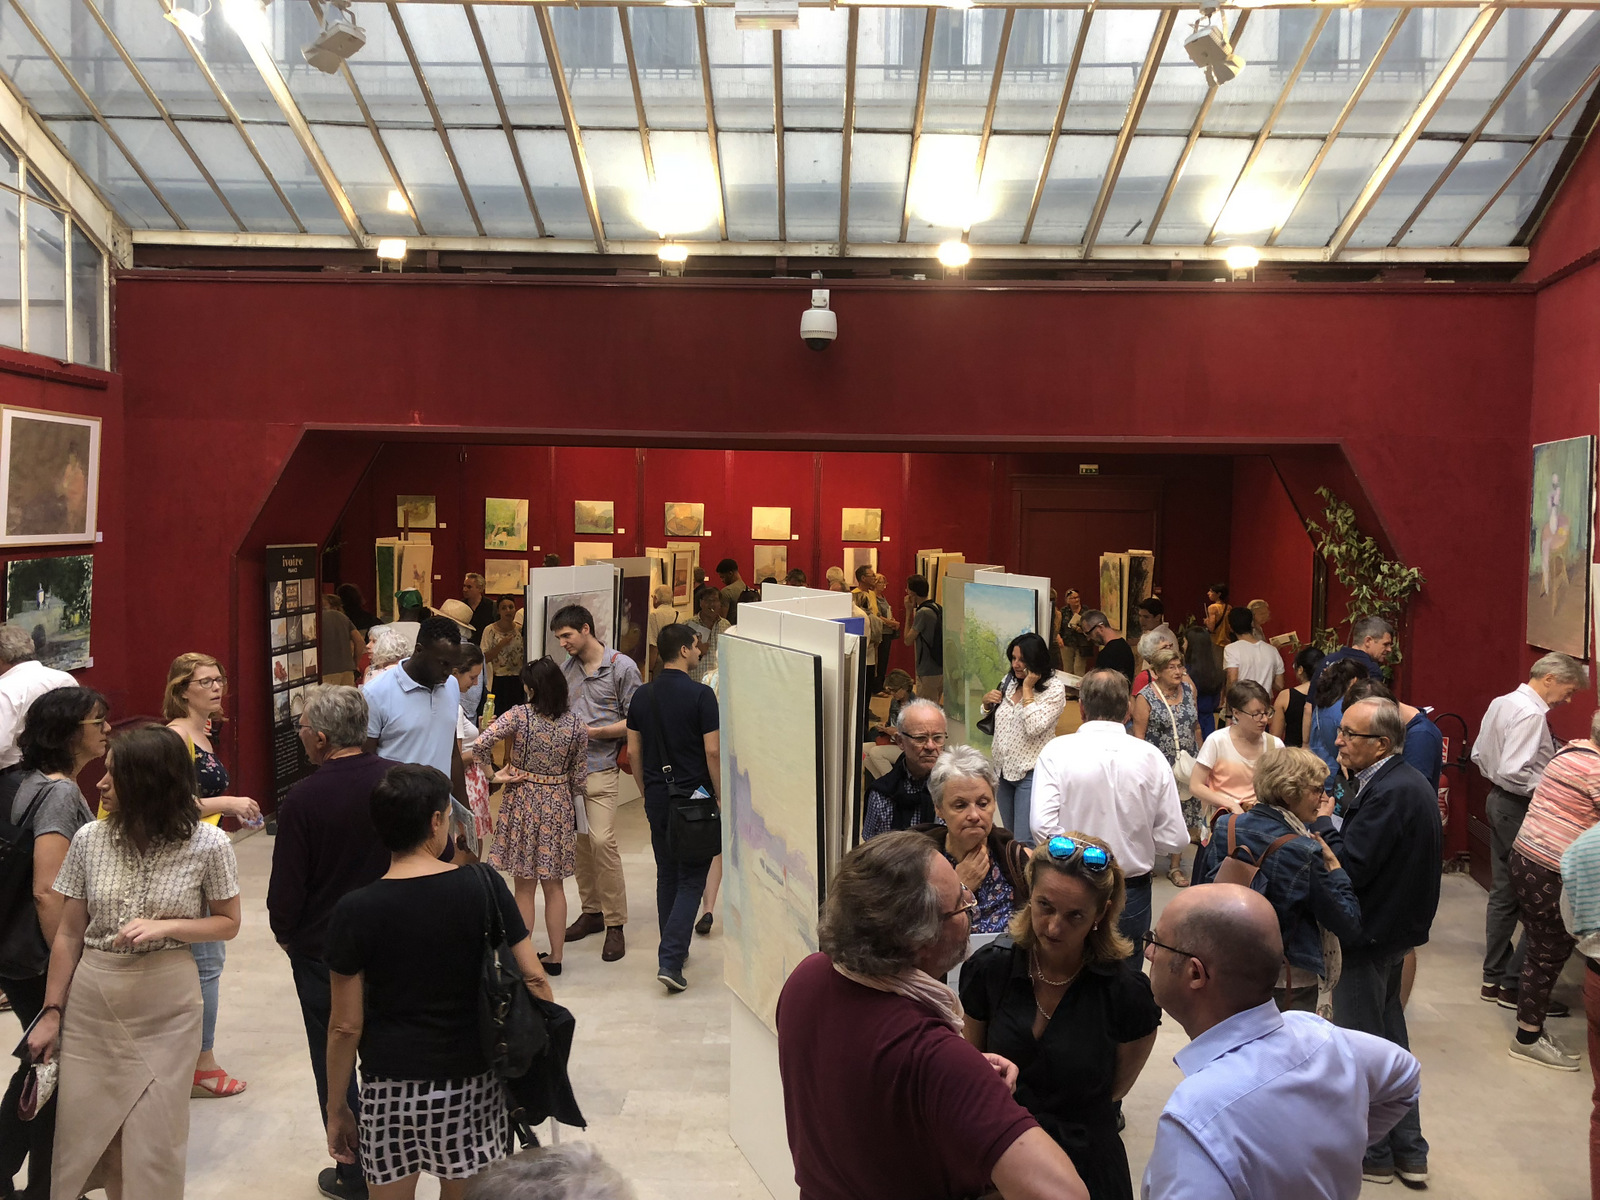 Exposition des toiles du peintre lyonnais Truphémus avant leur vente aux enchères, en septembre 2018 © DR